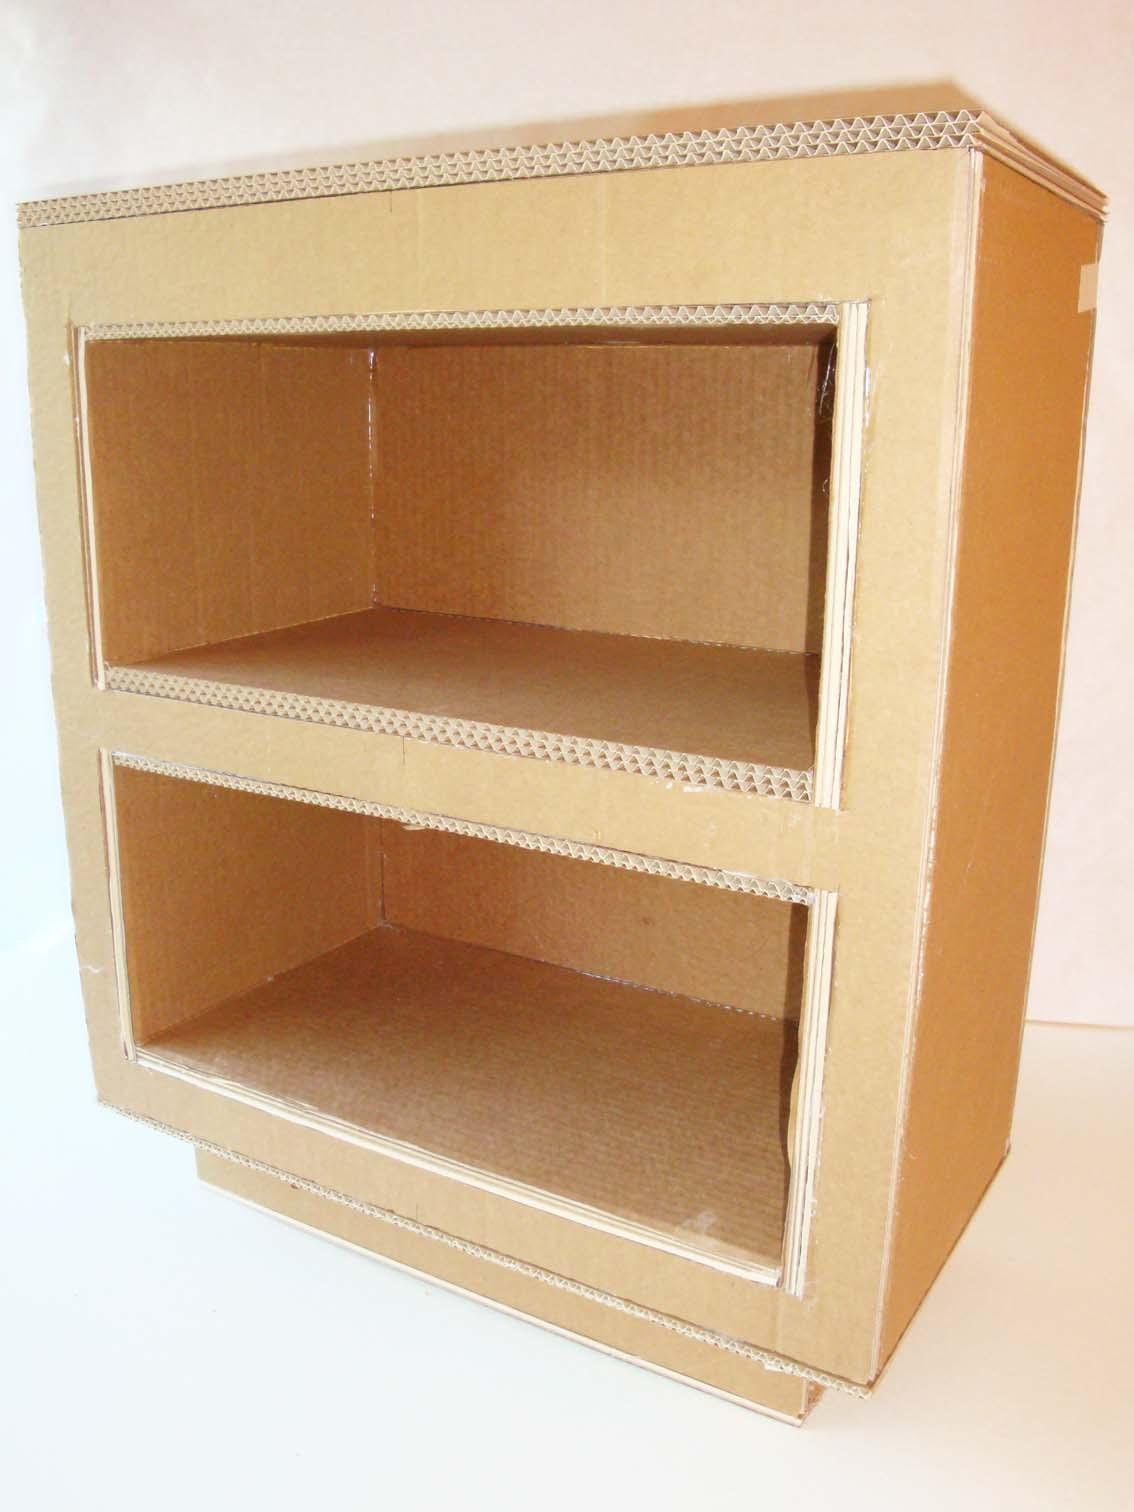 Fabriquer Meuble En Carton Affordable Meuble Carton With